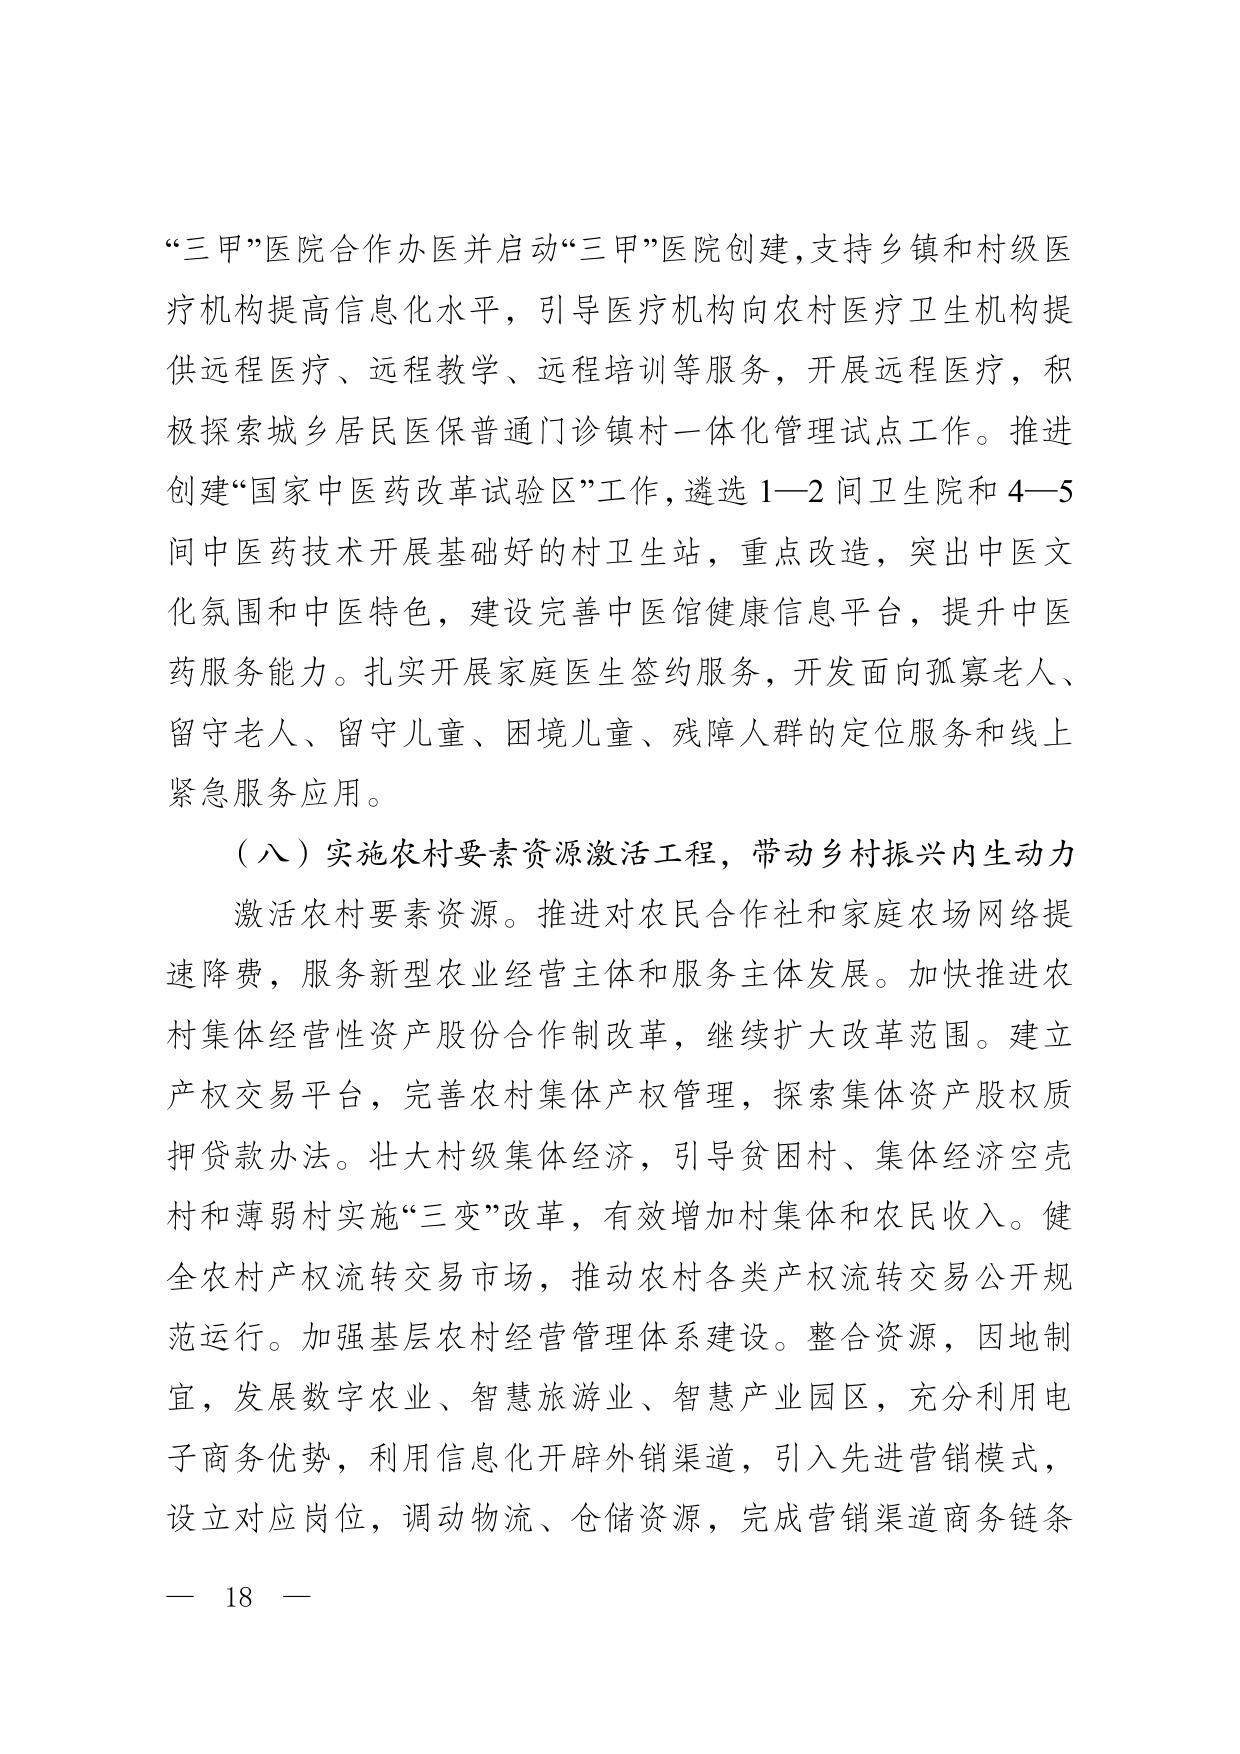 华办函〔2020〕5号关于印发《五华县数字乡村发展总体规划(2020—2025年)》的通知0017.jpg